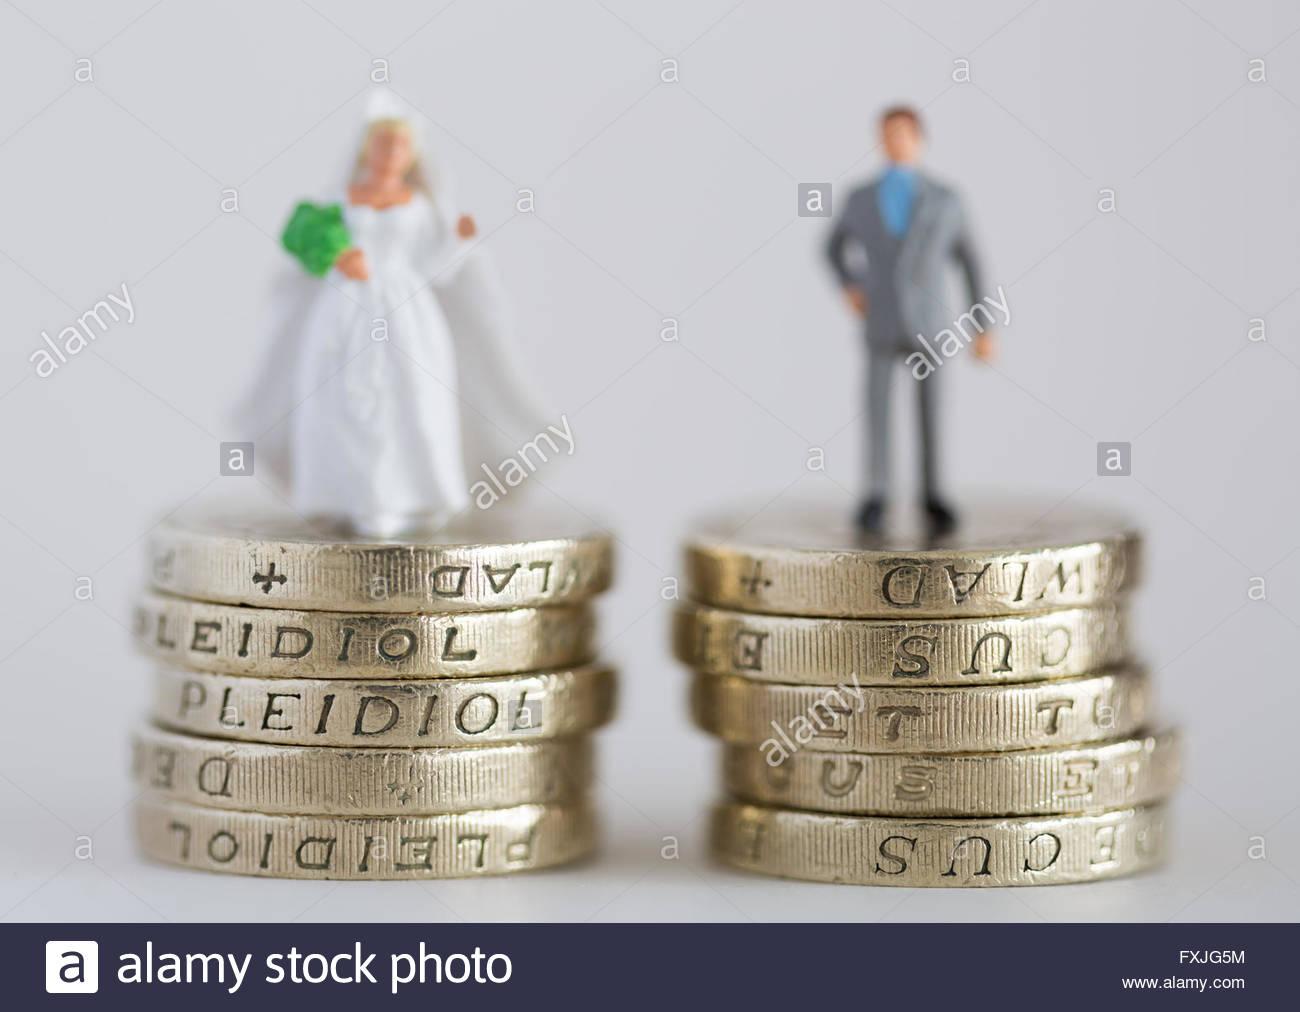 Close up/modello macro stock foto raffiguranti sposato il marito e la moglie su £1 libbra di stack di monete Immagini Stock